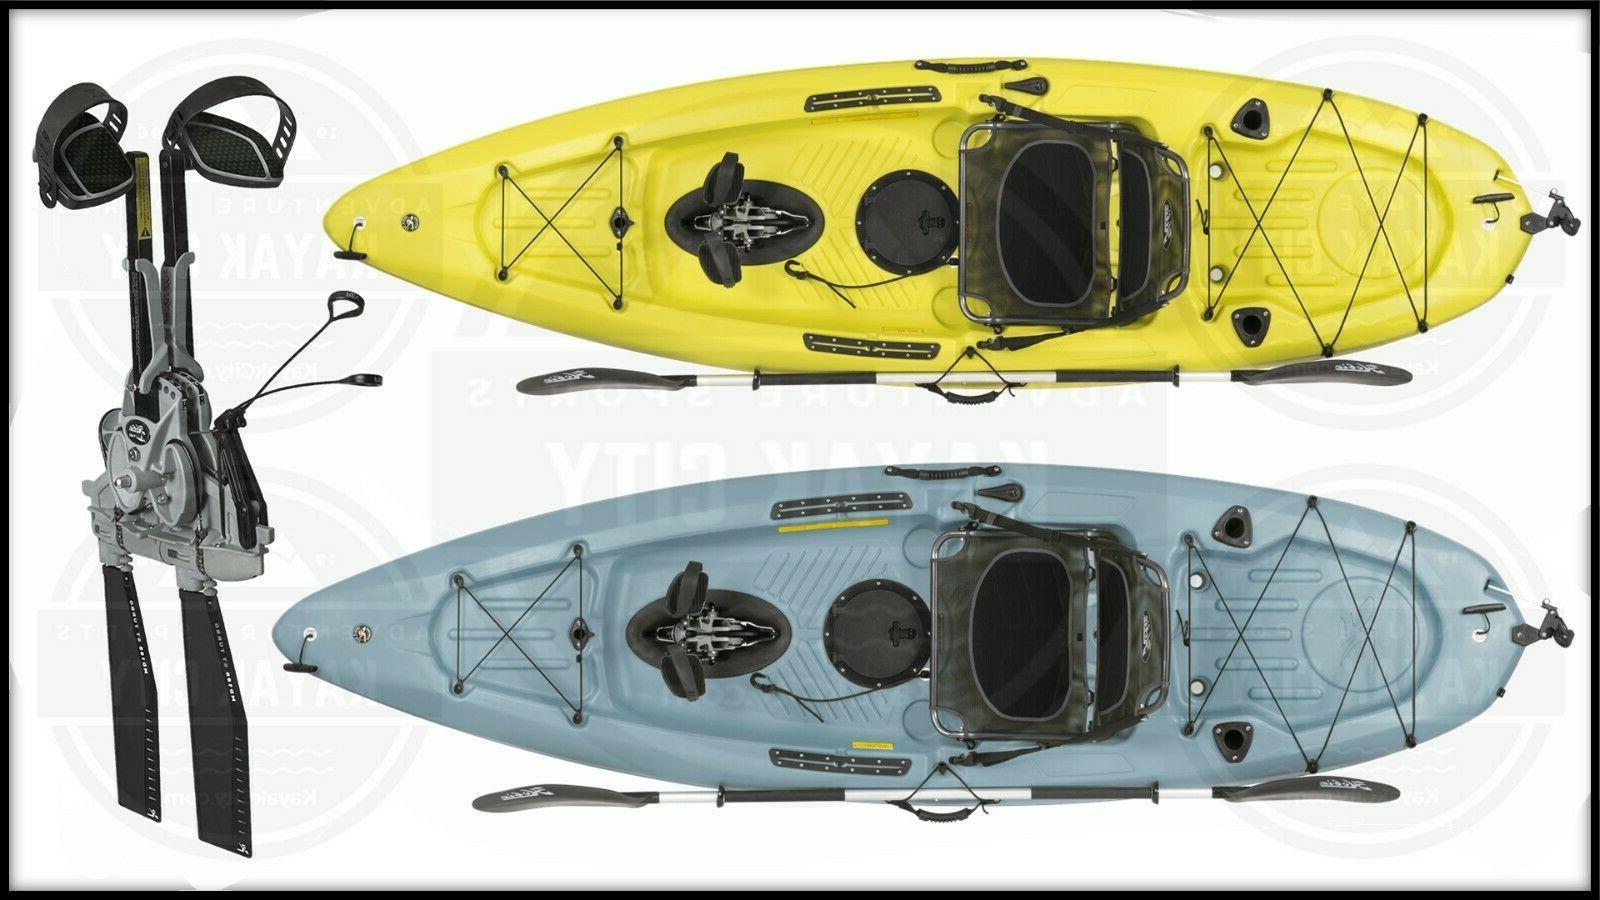 2019 mirage passport 10 5 fishing kayak